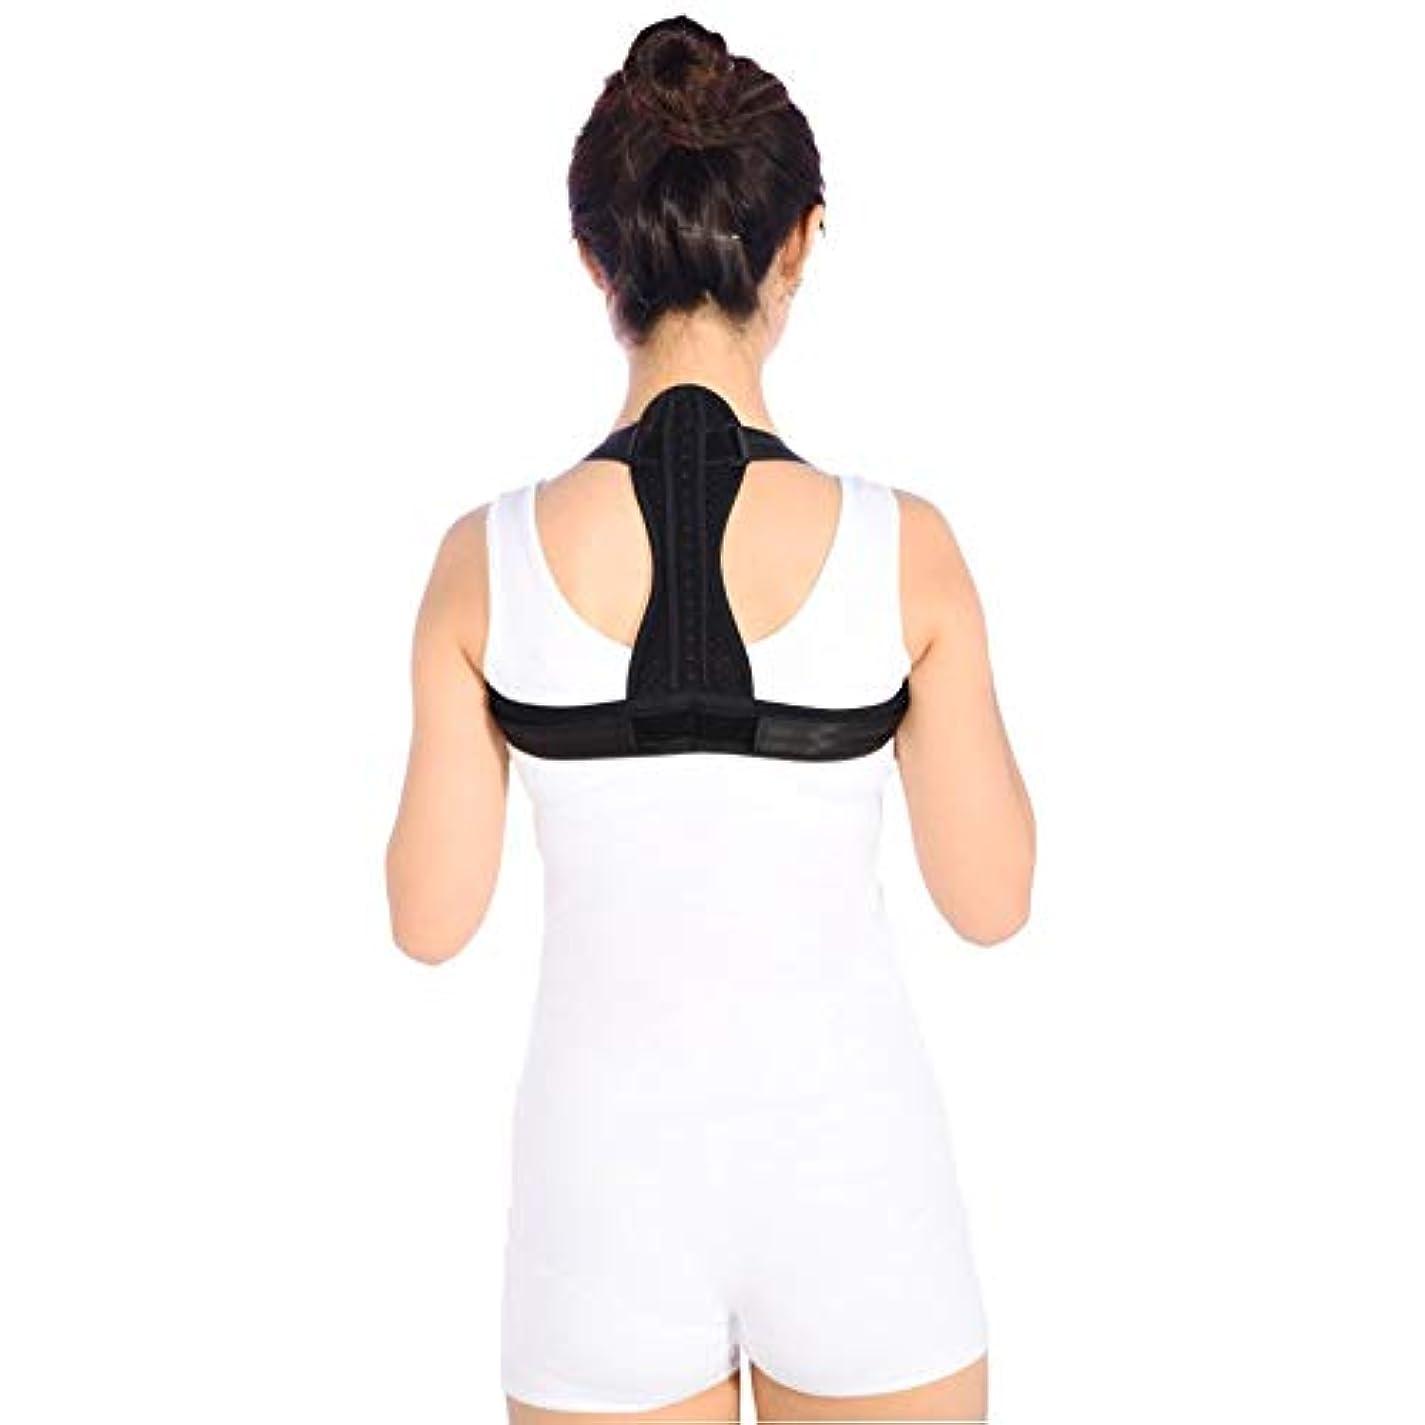 ワイヤーレース権威通気性の脊柱側弯症ザトウクジラ補正ベルト調節可能な快適さ目に見えないベルト男性女性大人学生子供 - 黒